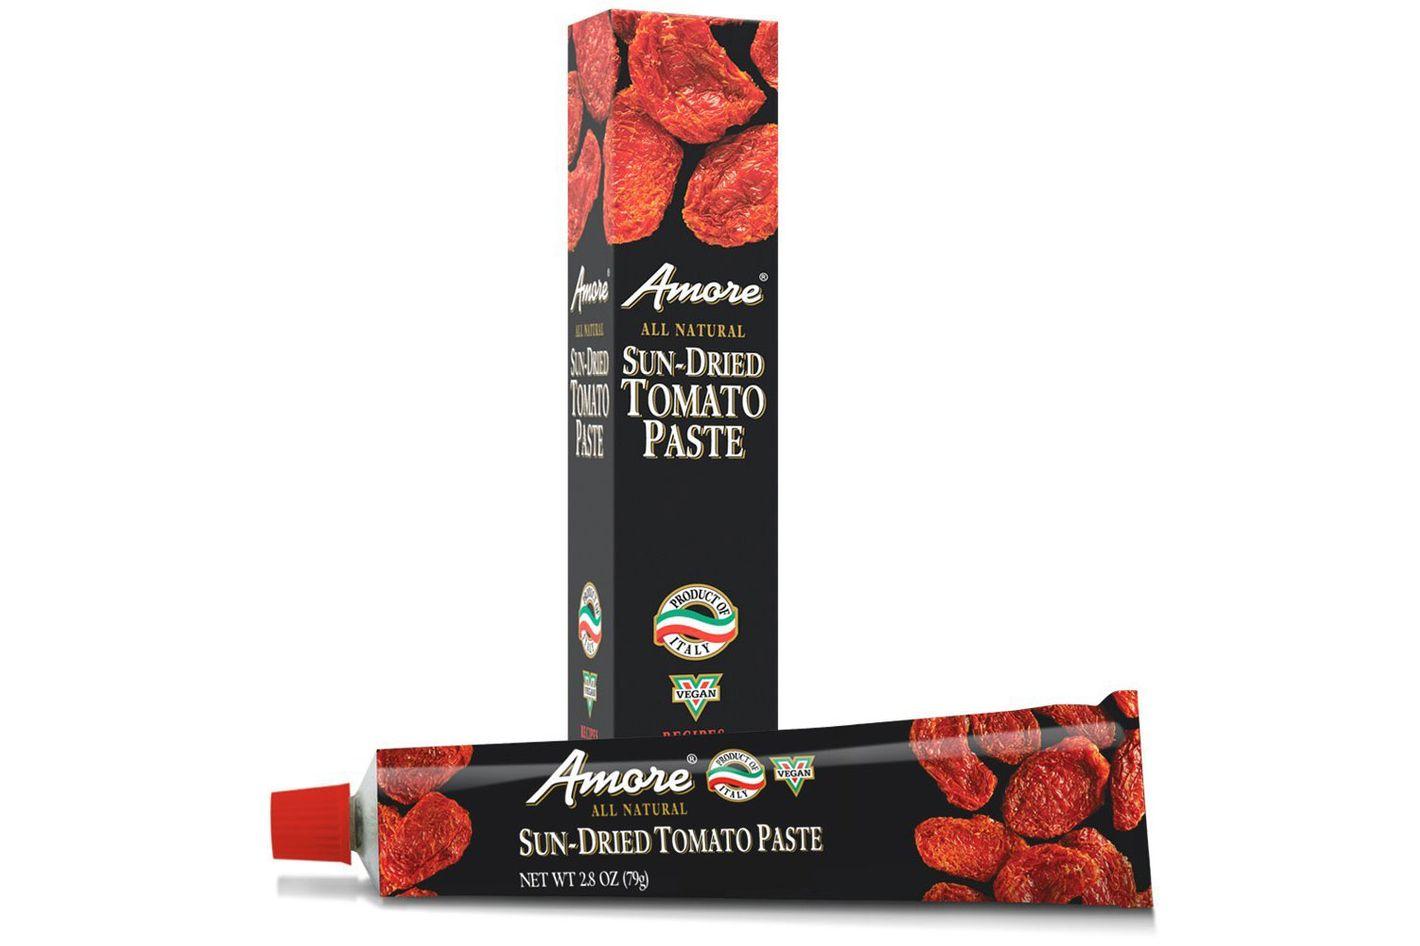 Amore Sun-dried Tomato Paste